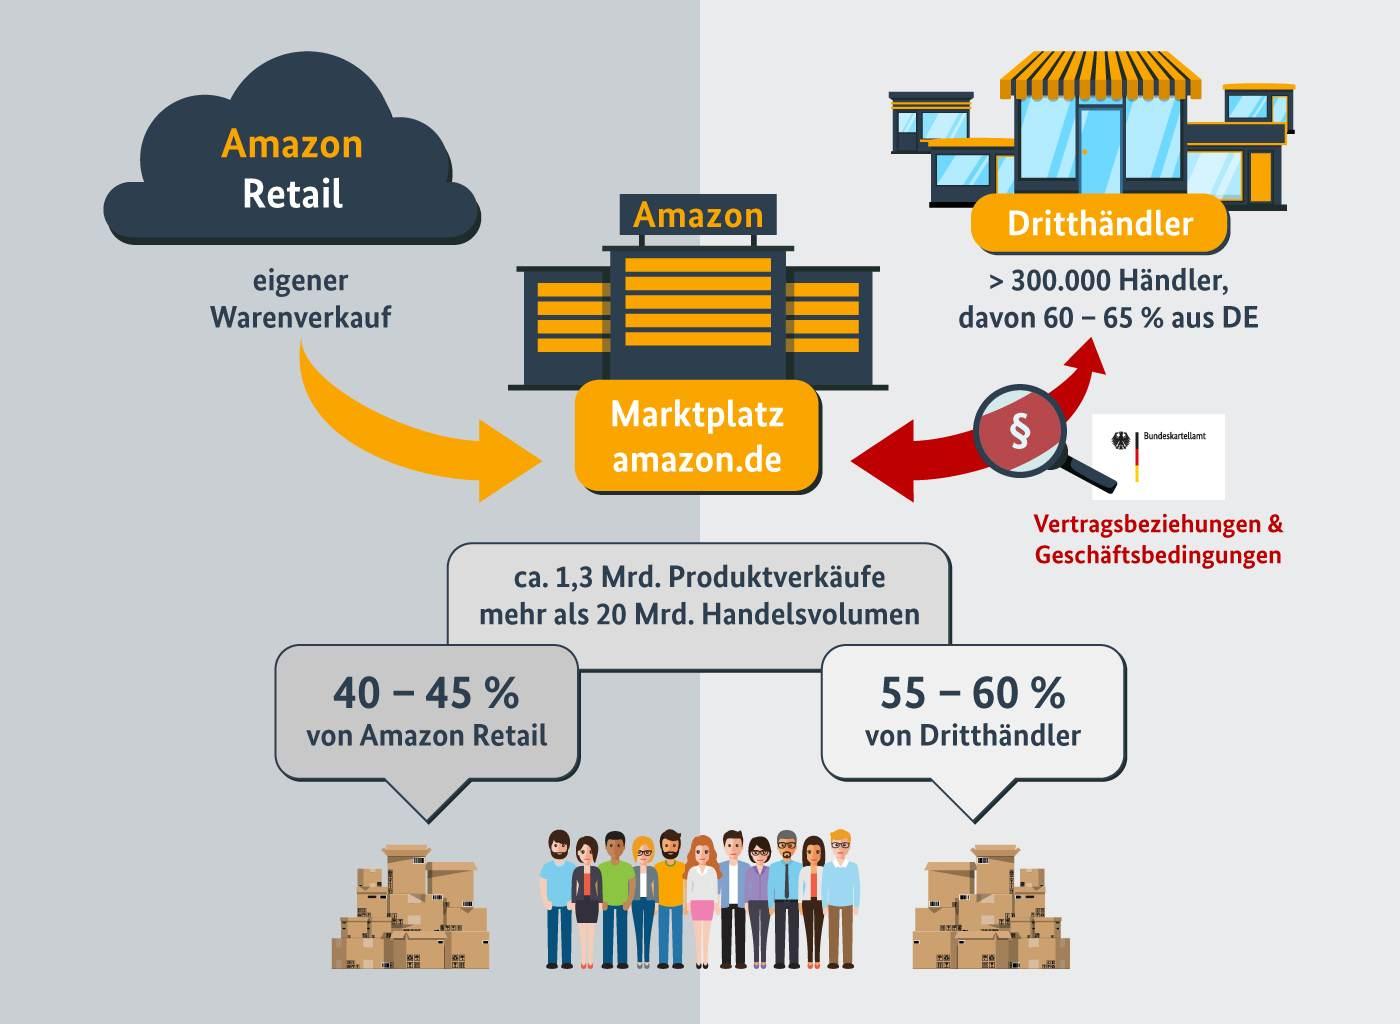 Bundeskartellamt veröffentlicht Zahlen zum Amazon-Marktplatz